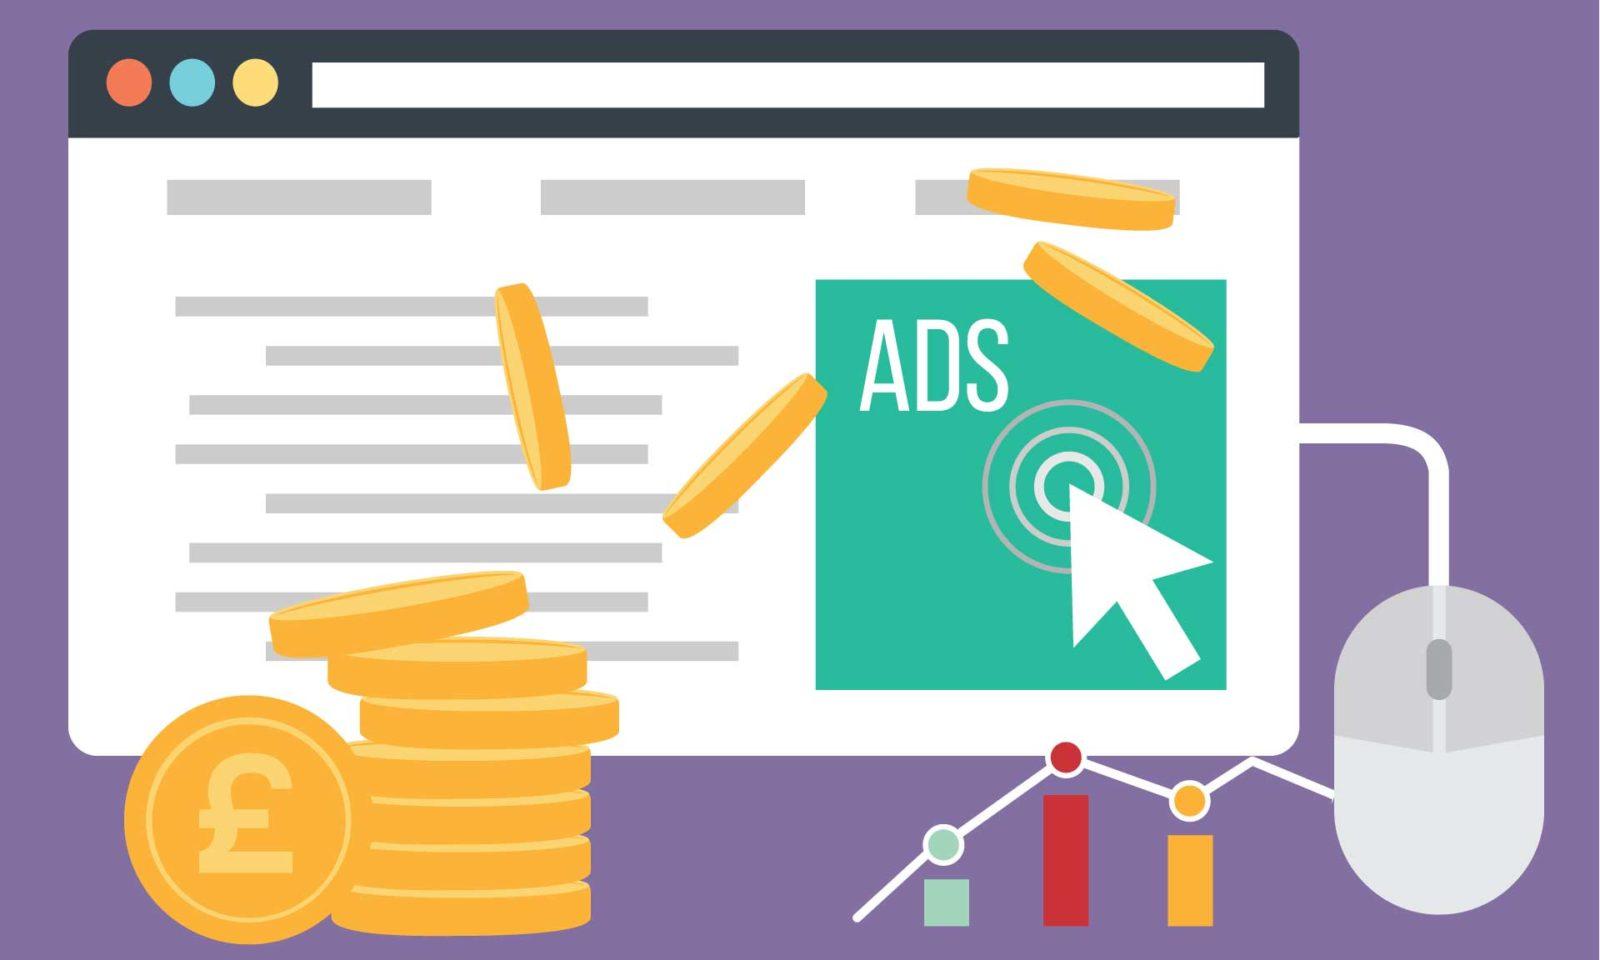 5 распространённых причин, почему люди быстро уходят с сайта перейдя по контекстной рекламе